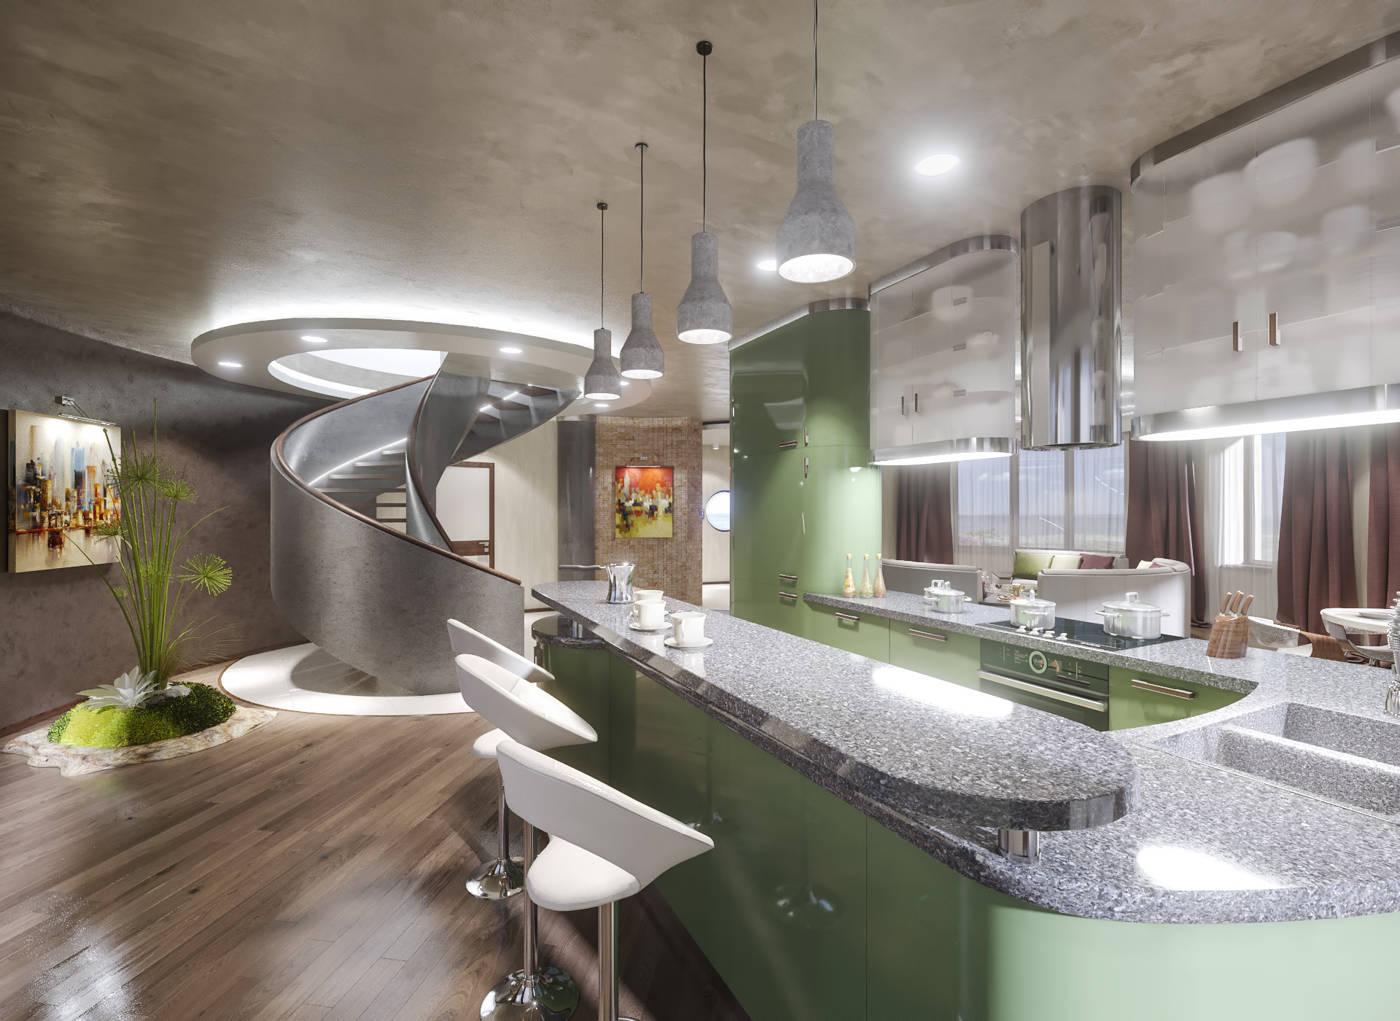 Дизайн кухни в квартире Киев дом буча в современном стиле, модерн, барная стойка лестница